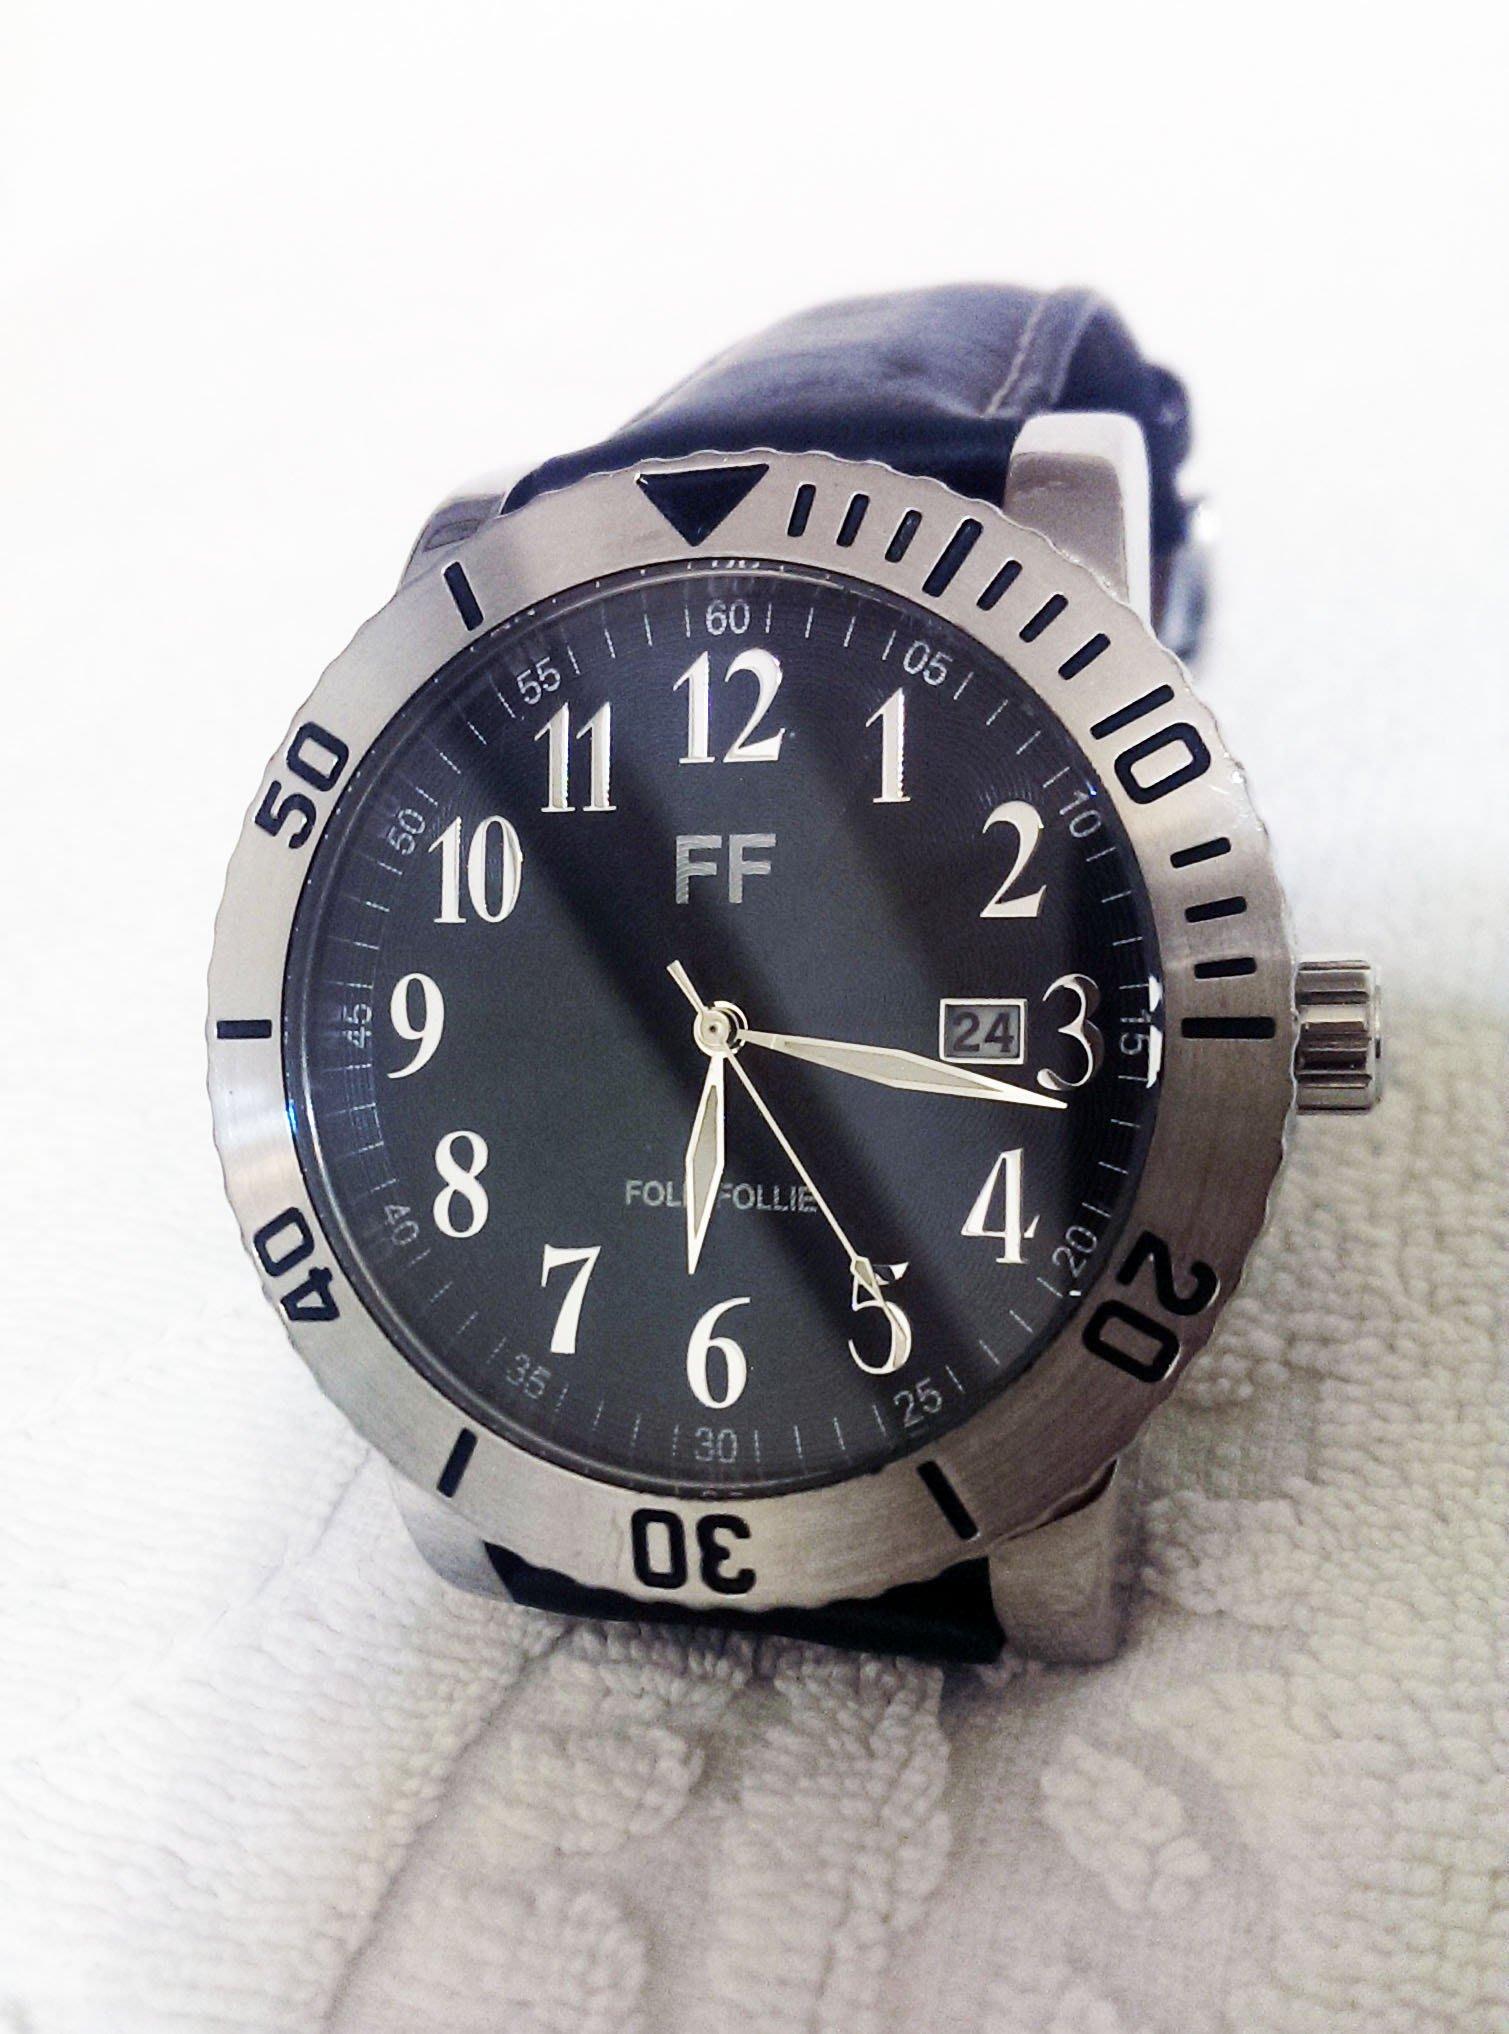 品味型男個性男錶【Folli Follie】芙麗百搭時尚女錶 造型錶 醫療鋼錶頭 錶徑50mm大鏡面 舒適頂級小牛皮錶帶